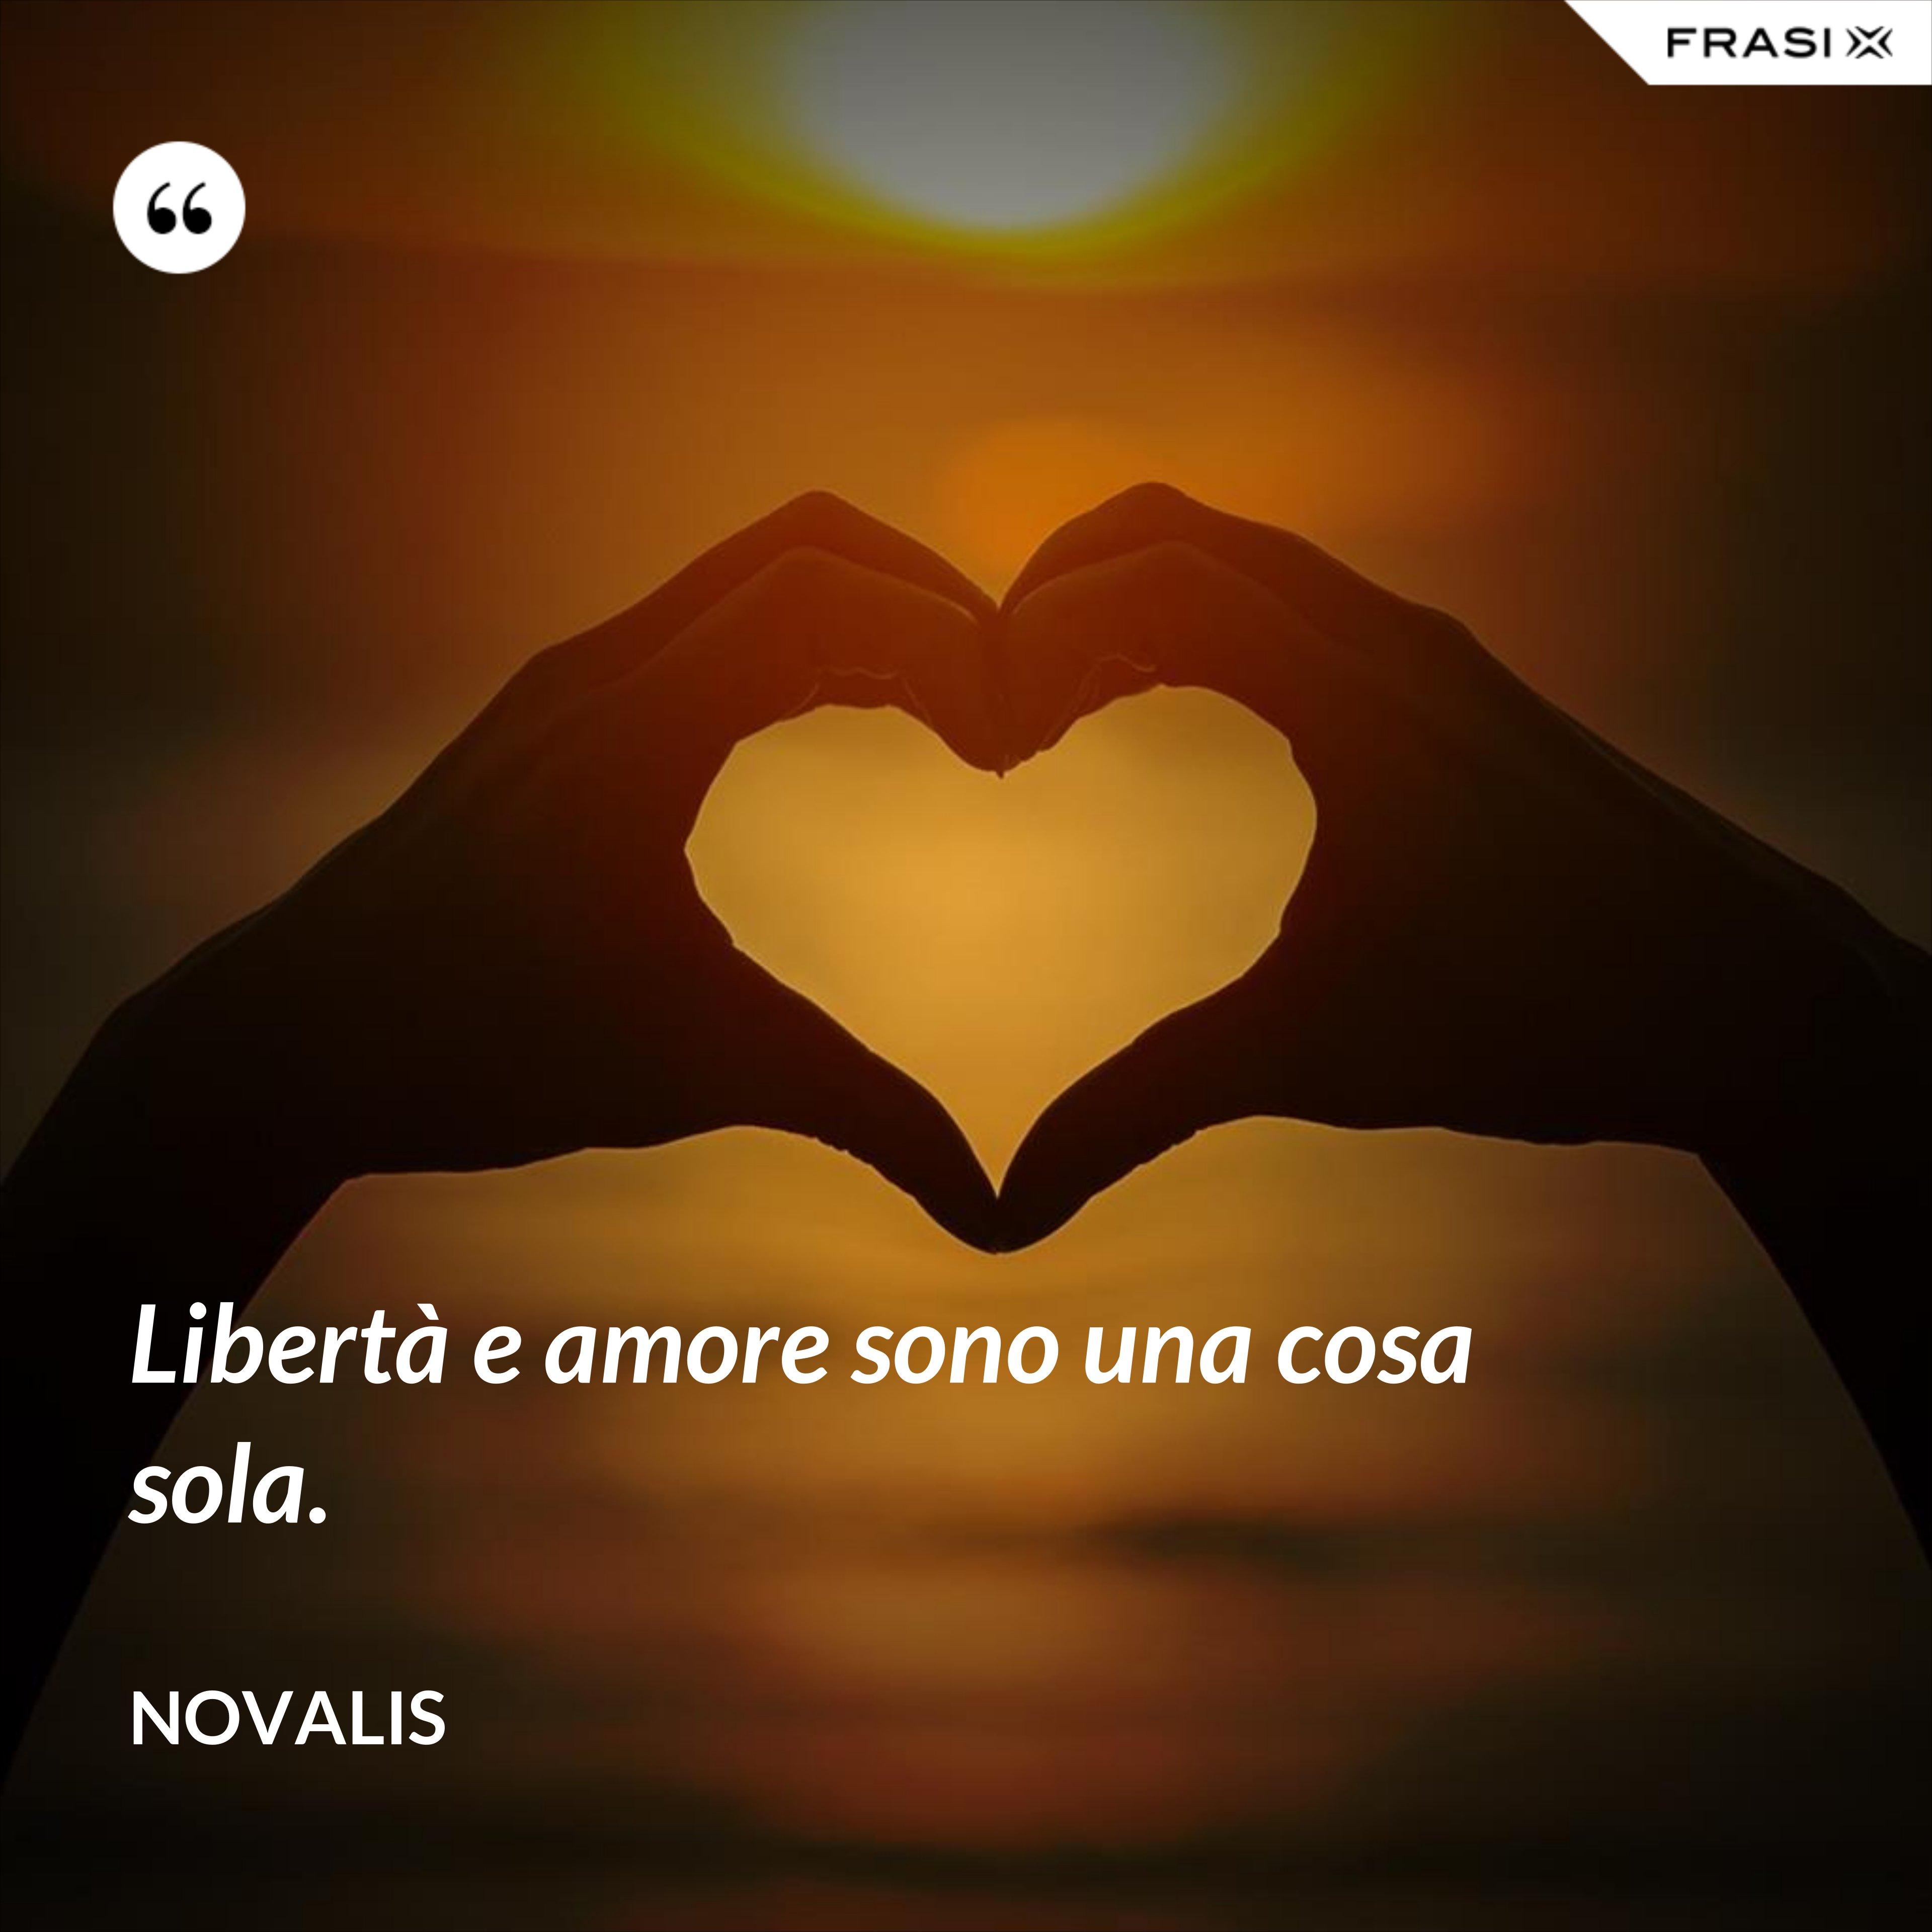 Libertà e amore sono una cosa sola. - Novalis